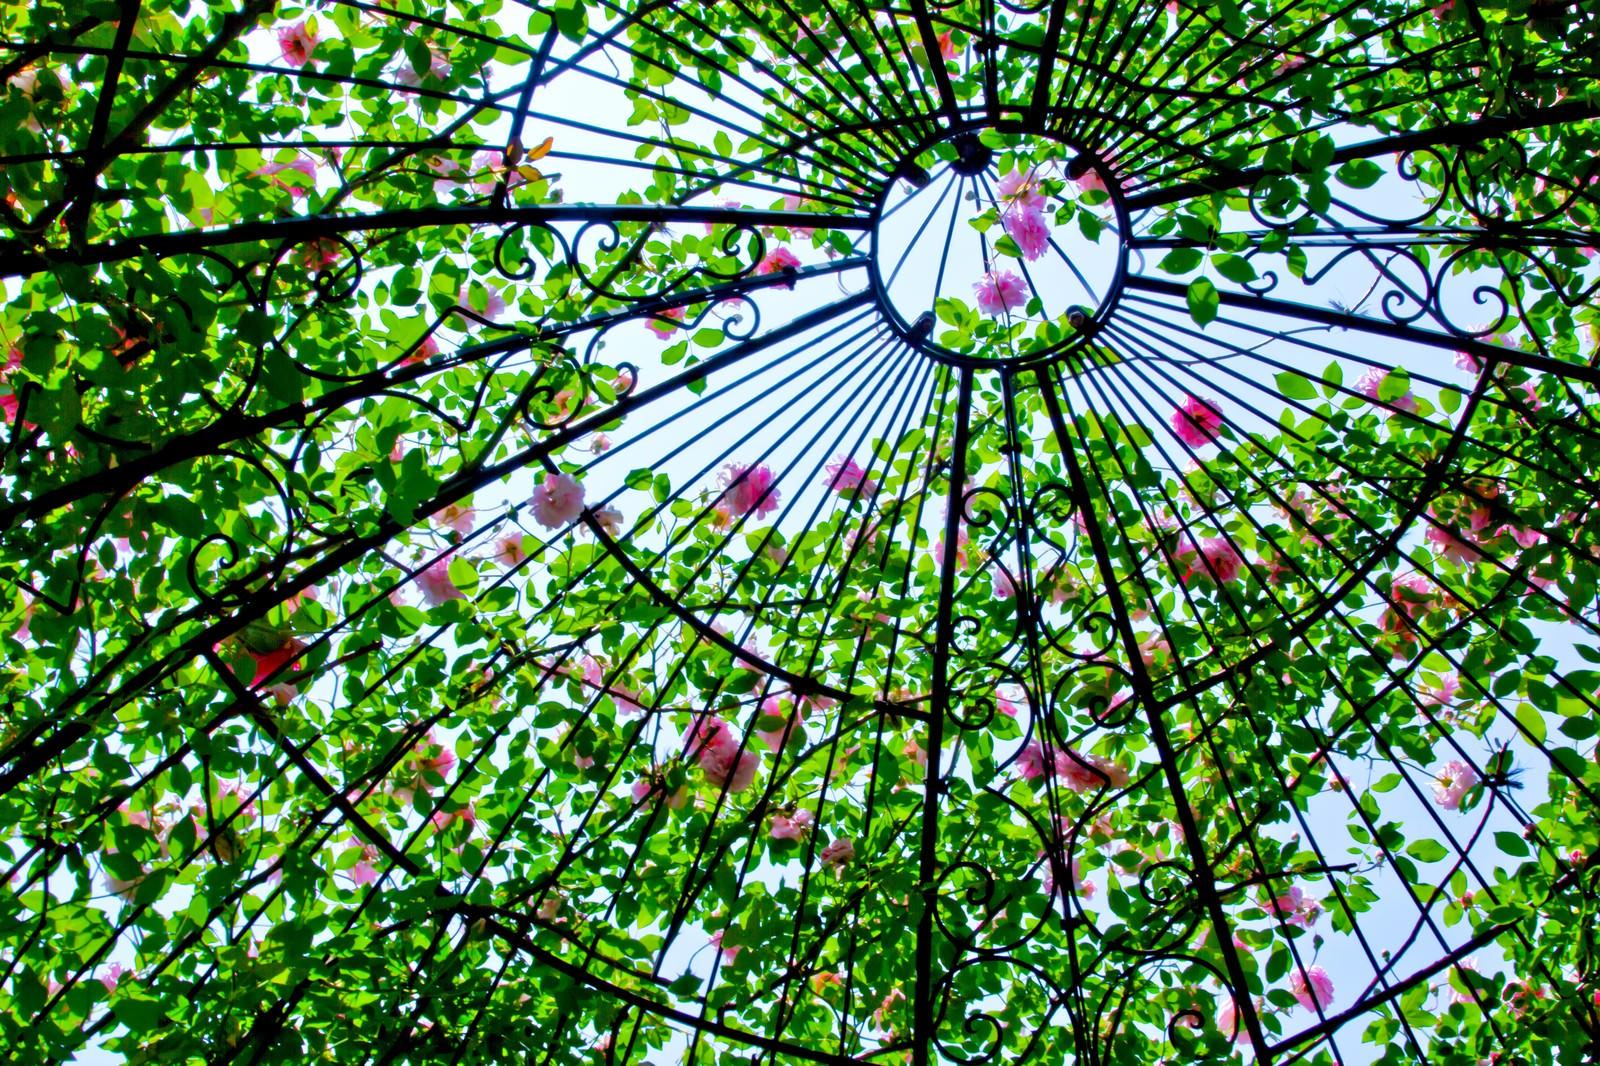 「ドーム状の中の薔薇 | 写真の無料素材・フリー素材 - ぱくたそ」の写真